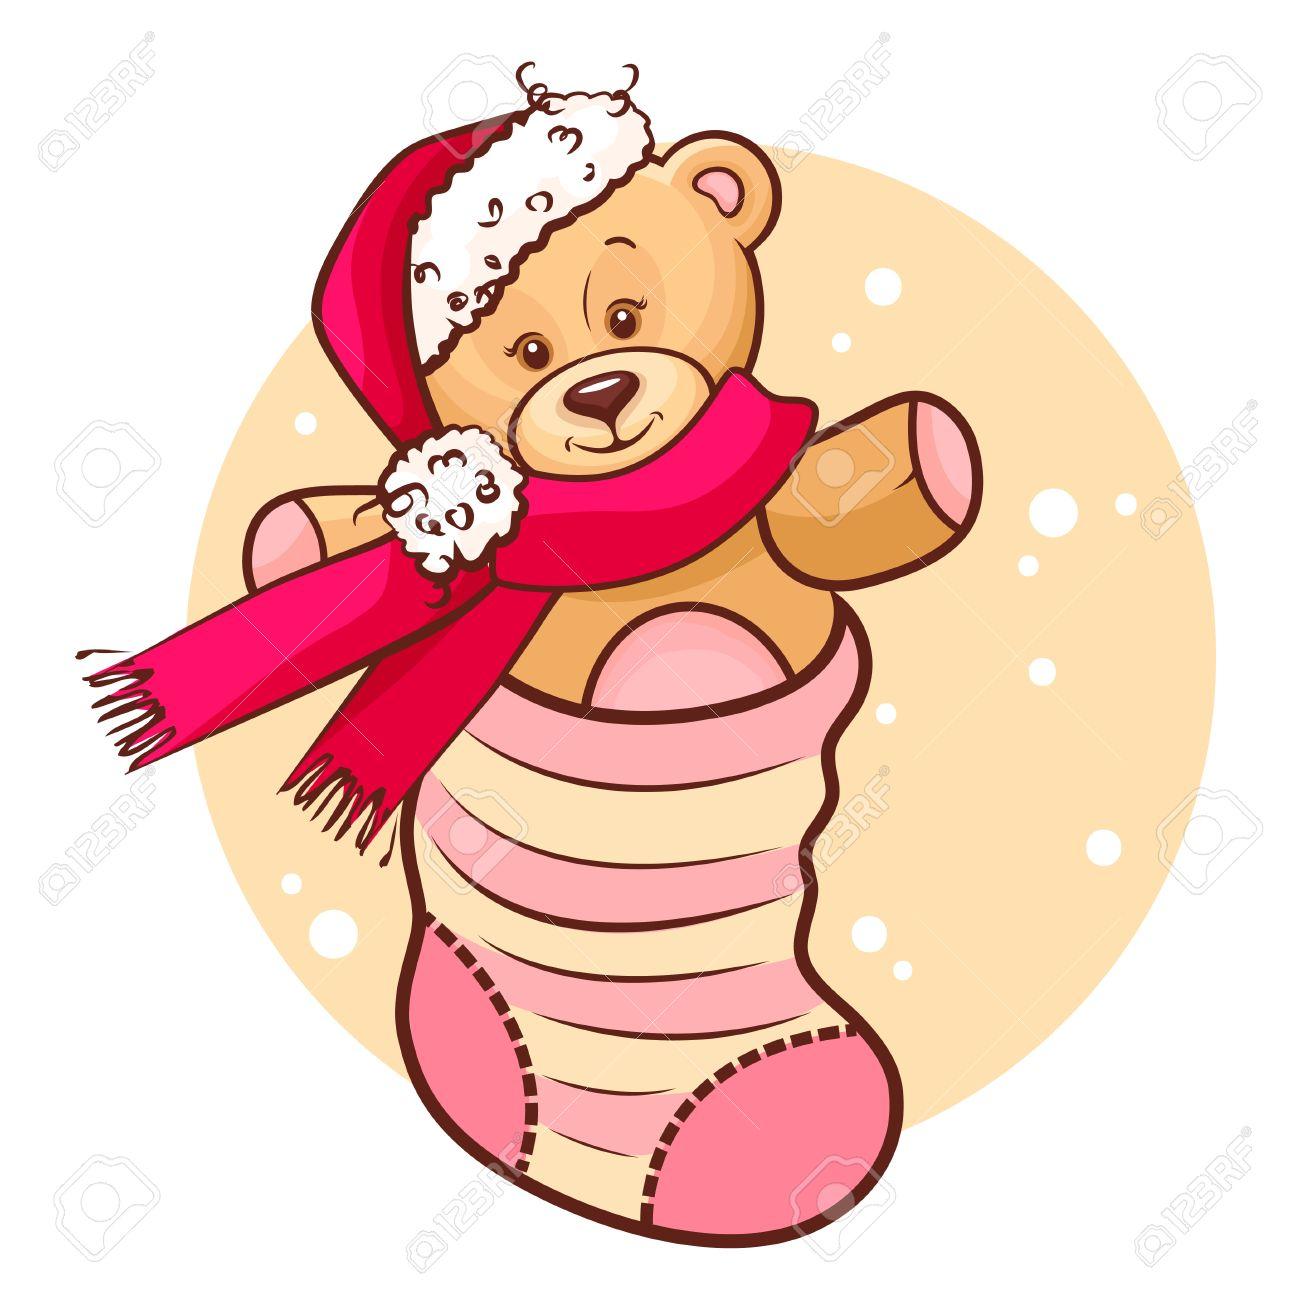 靴下でかわいいクリスマスのテディベア赤ちゃんのイラスト